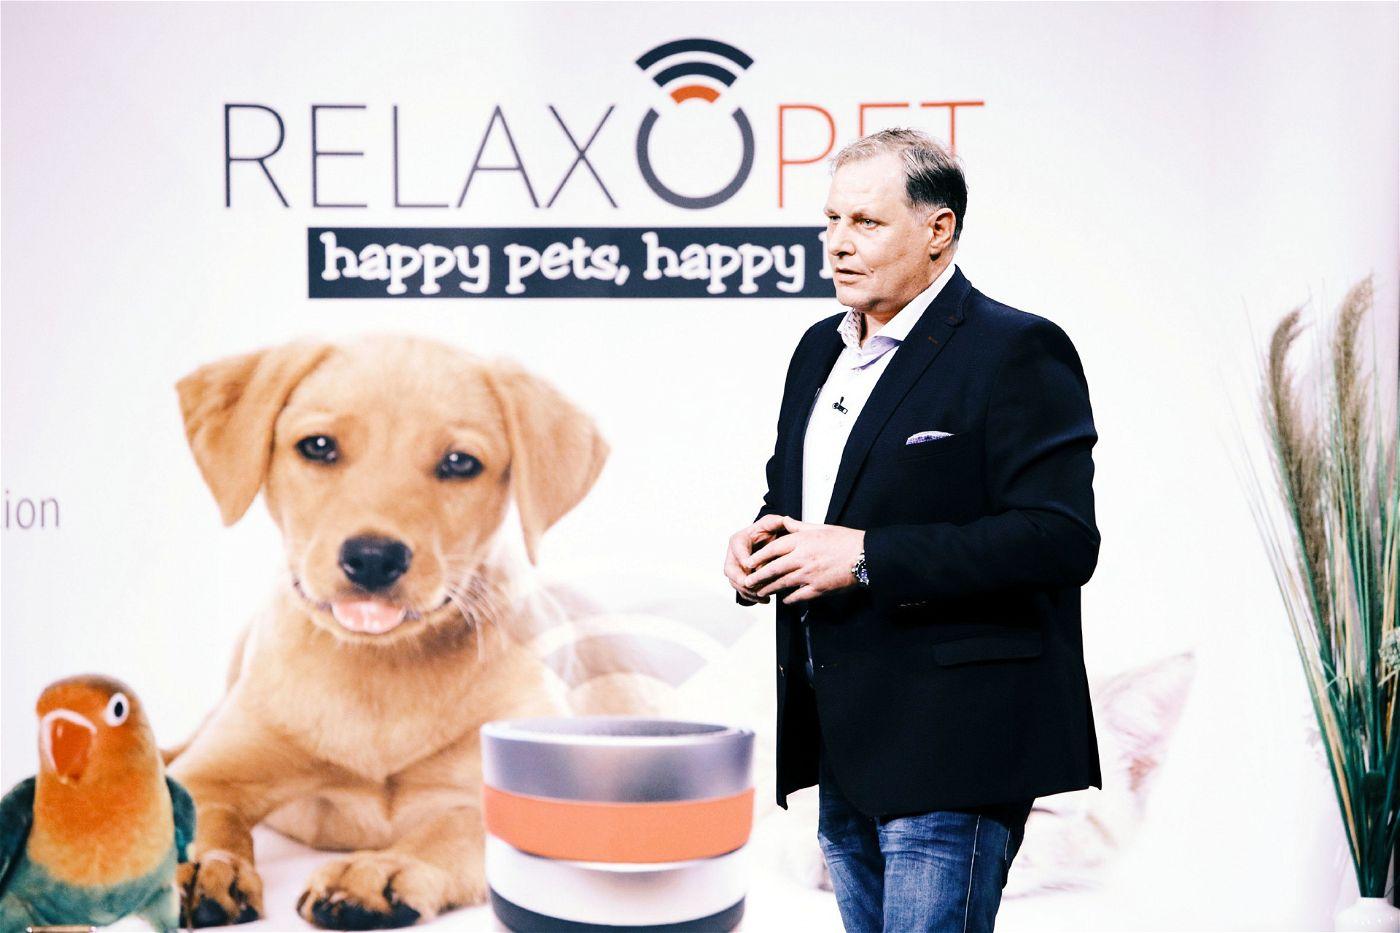 """<p><b>Der Gründer und sein Produkt</b>: Frank Bendix (51) ist Hypnosetherapeut und will mit seinem """"RelaxoPet"""" Tieren mithilfe von speziellen Klängen dabei helfen, sich z.B. bei Gewitter zu entspannen.<p><b>Der Wunsch</b>: 100.000 Euro für einen Firmenanteil von zehn Prozent.</p> <p><b>Der Deal</b>: Ralf Dümmel investiert 100.000 Euro für 15 Prozent der Firmenanteile.</p>"""